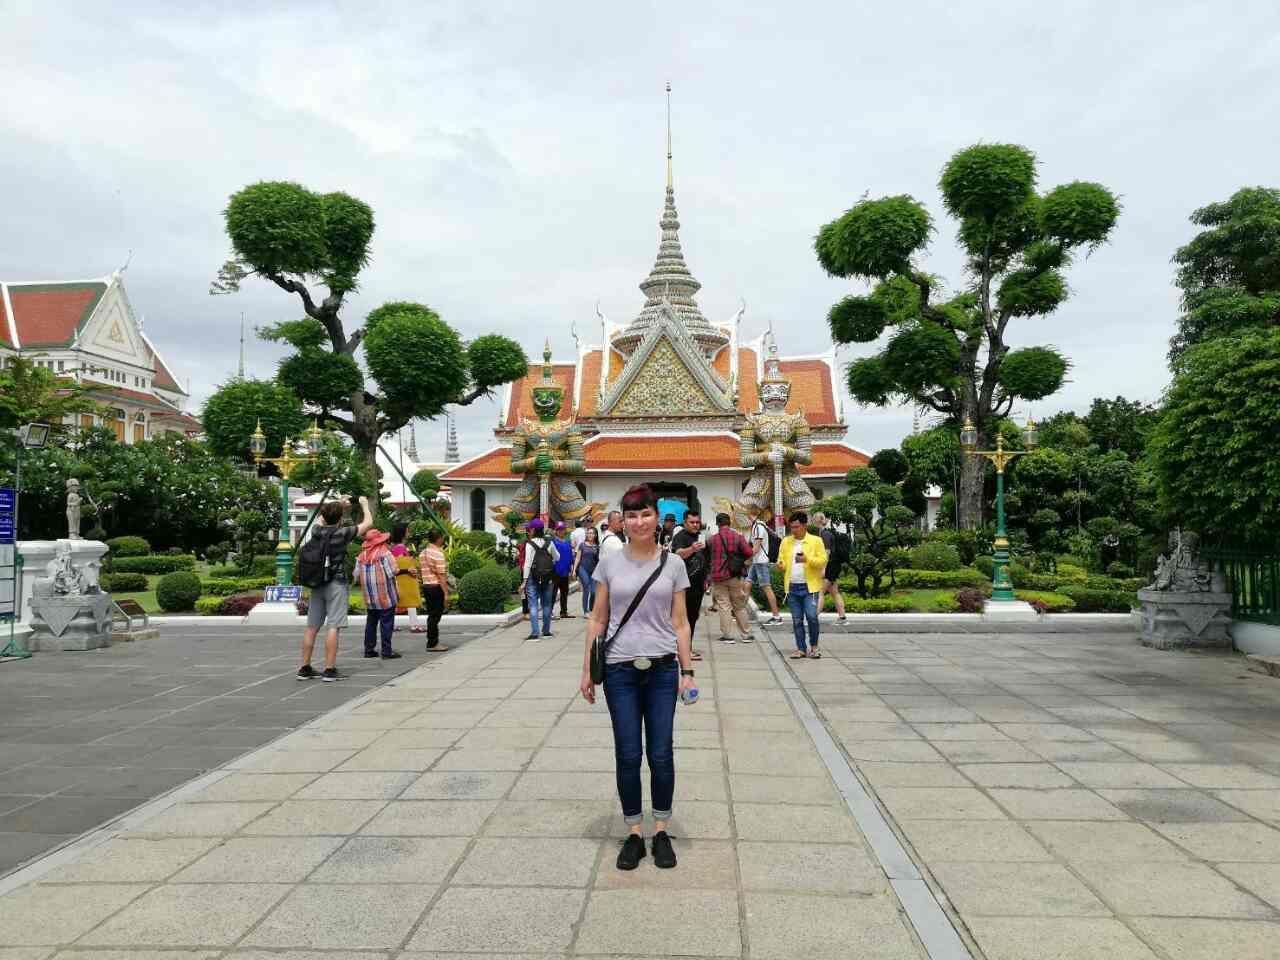 Tour Operator in Thailand | Bangkok Temples Tour | Thailand